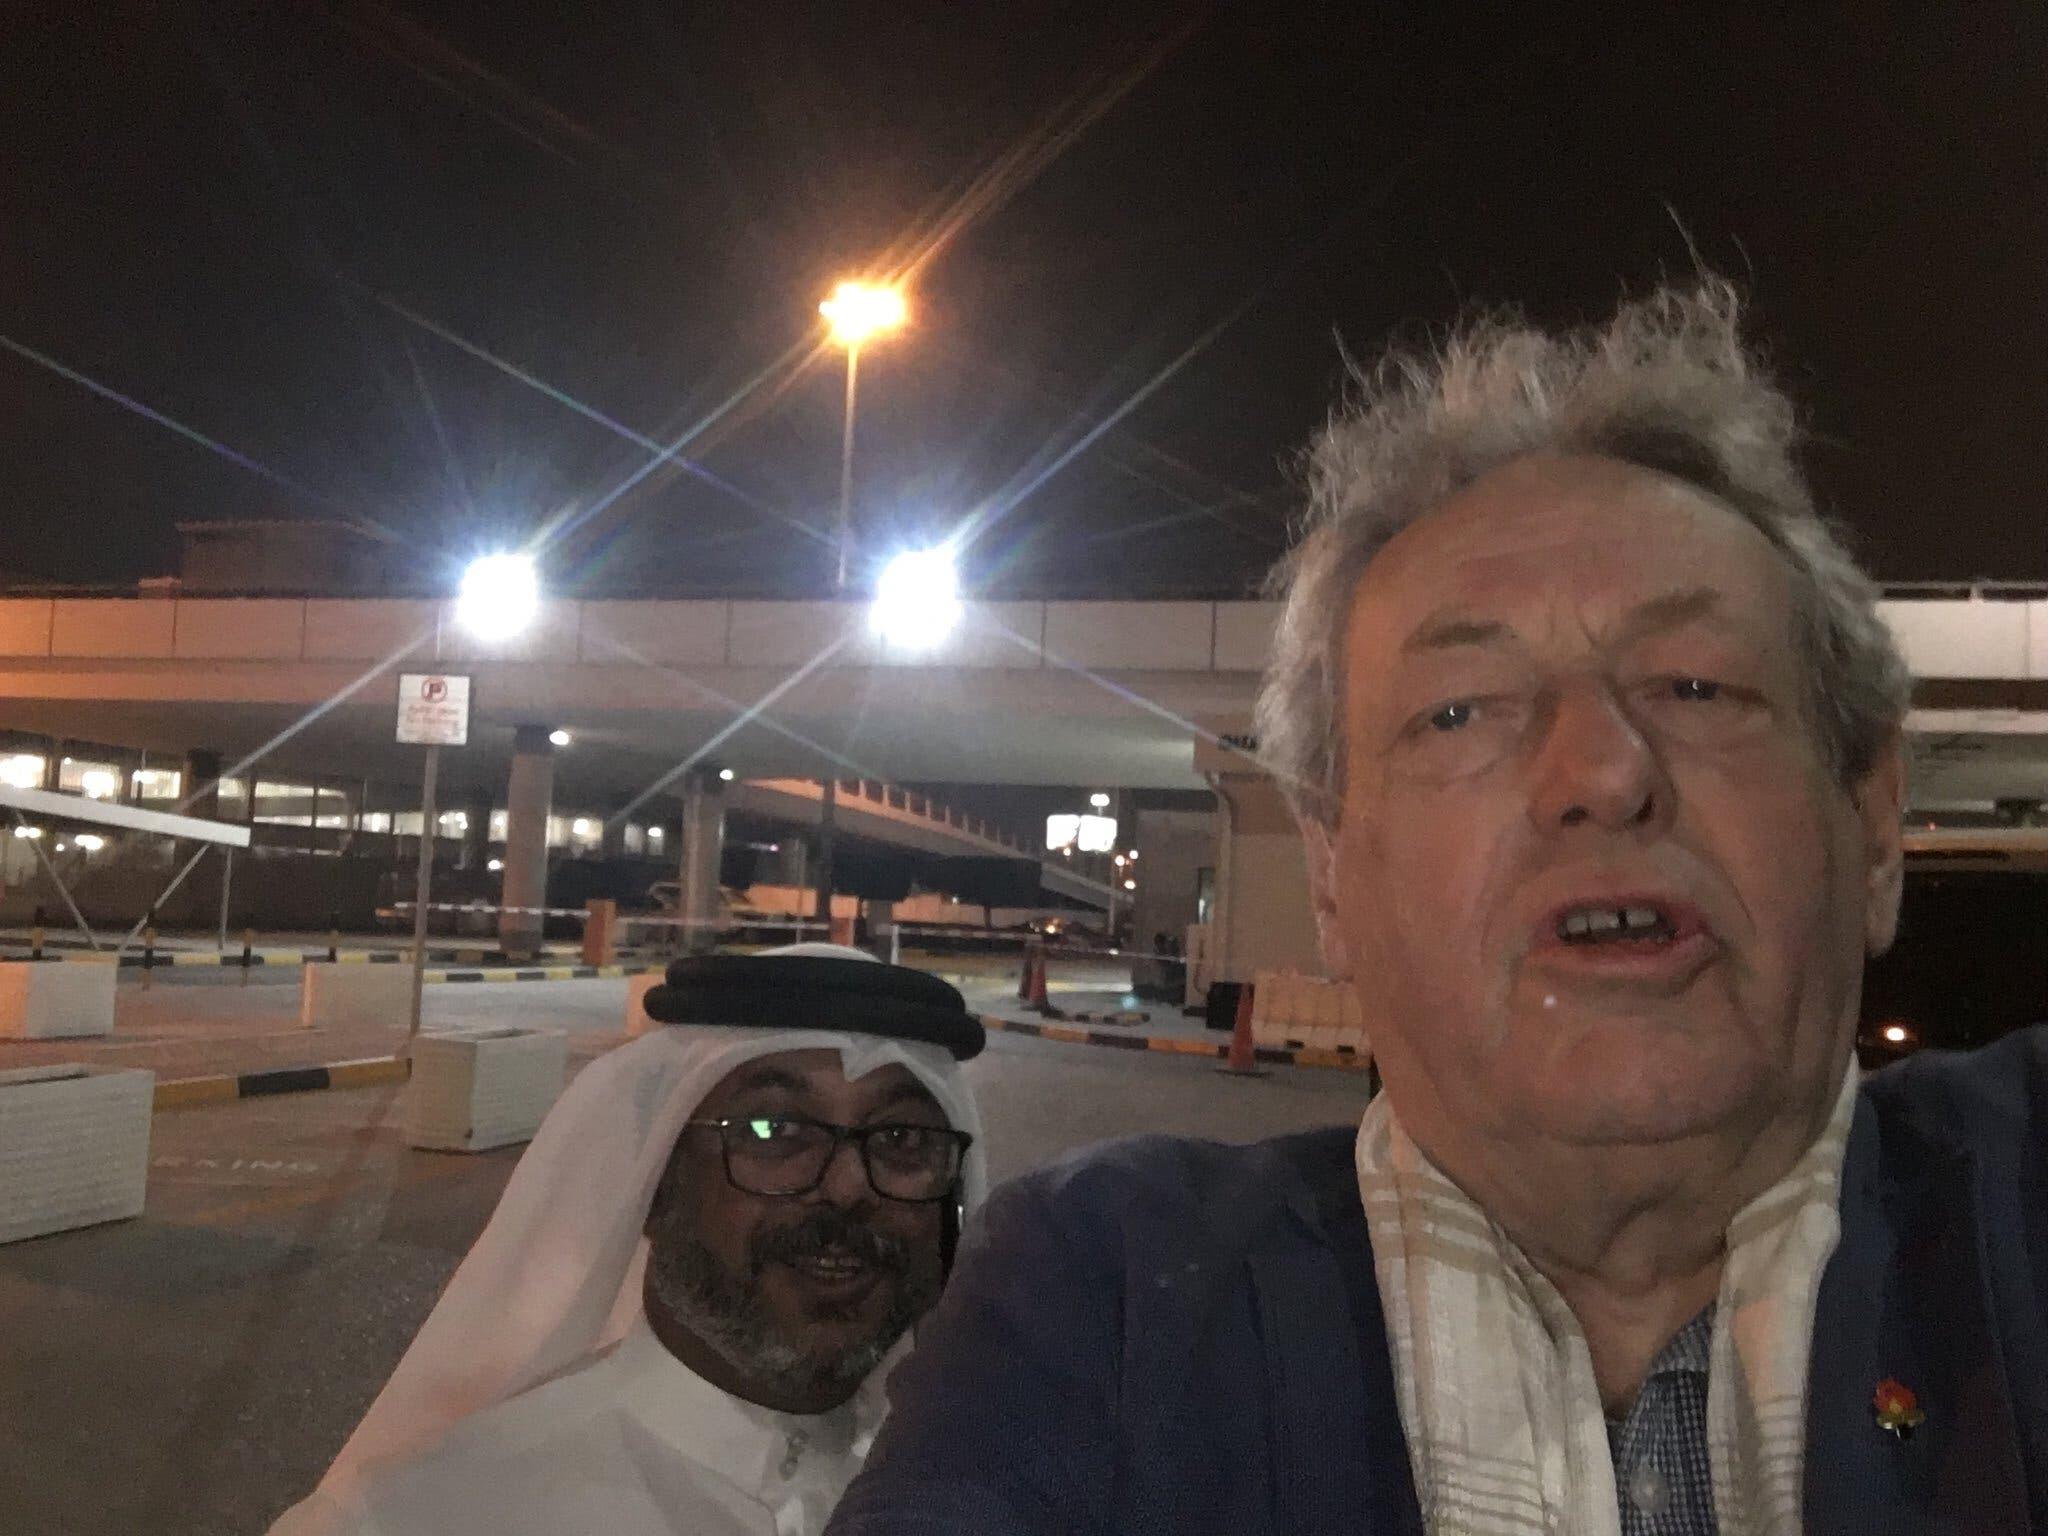 A selfie taken by John Ashton in Bahrain, March 7. (John Ashton, Twitter)